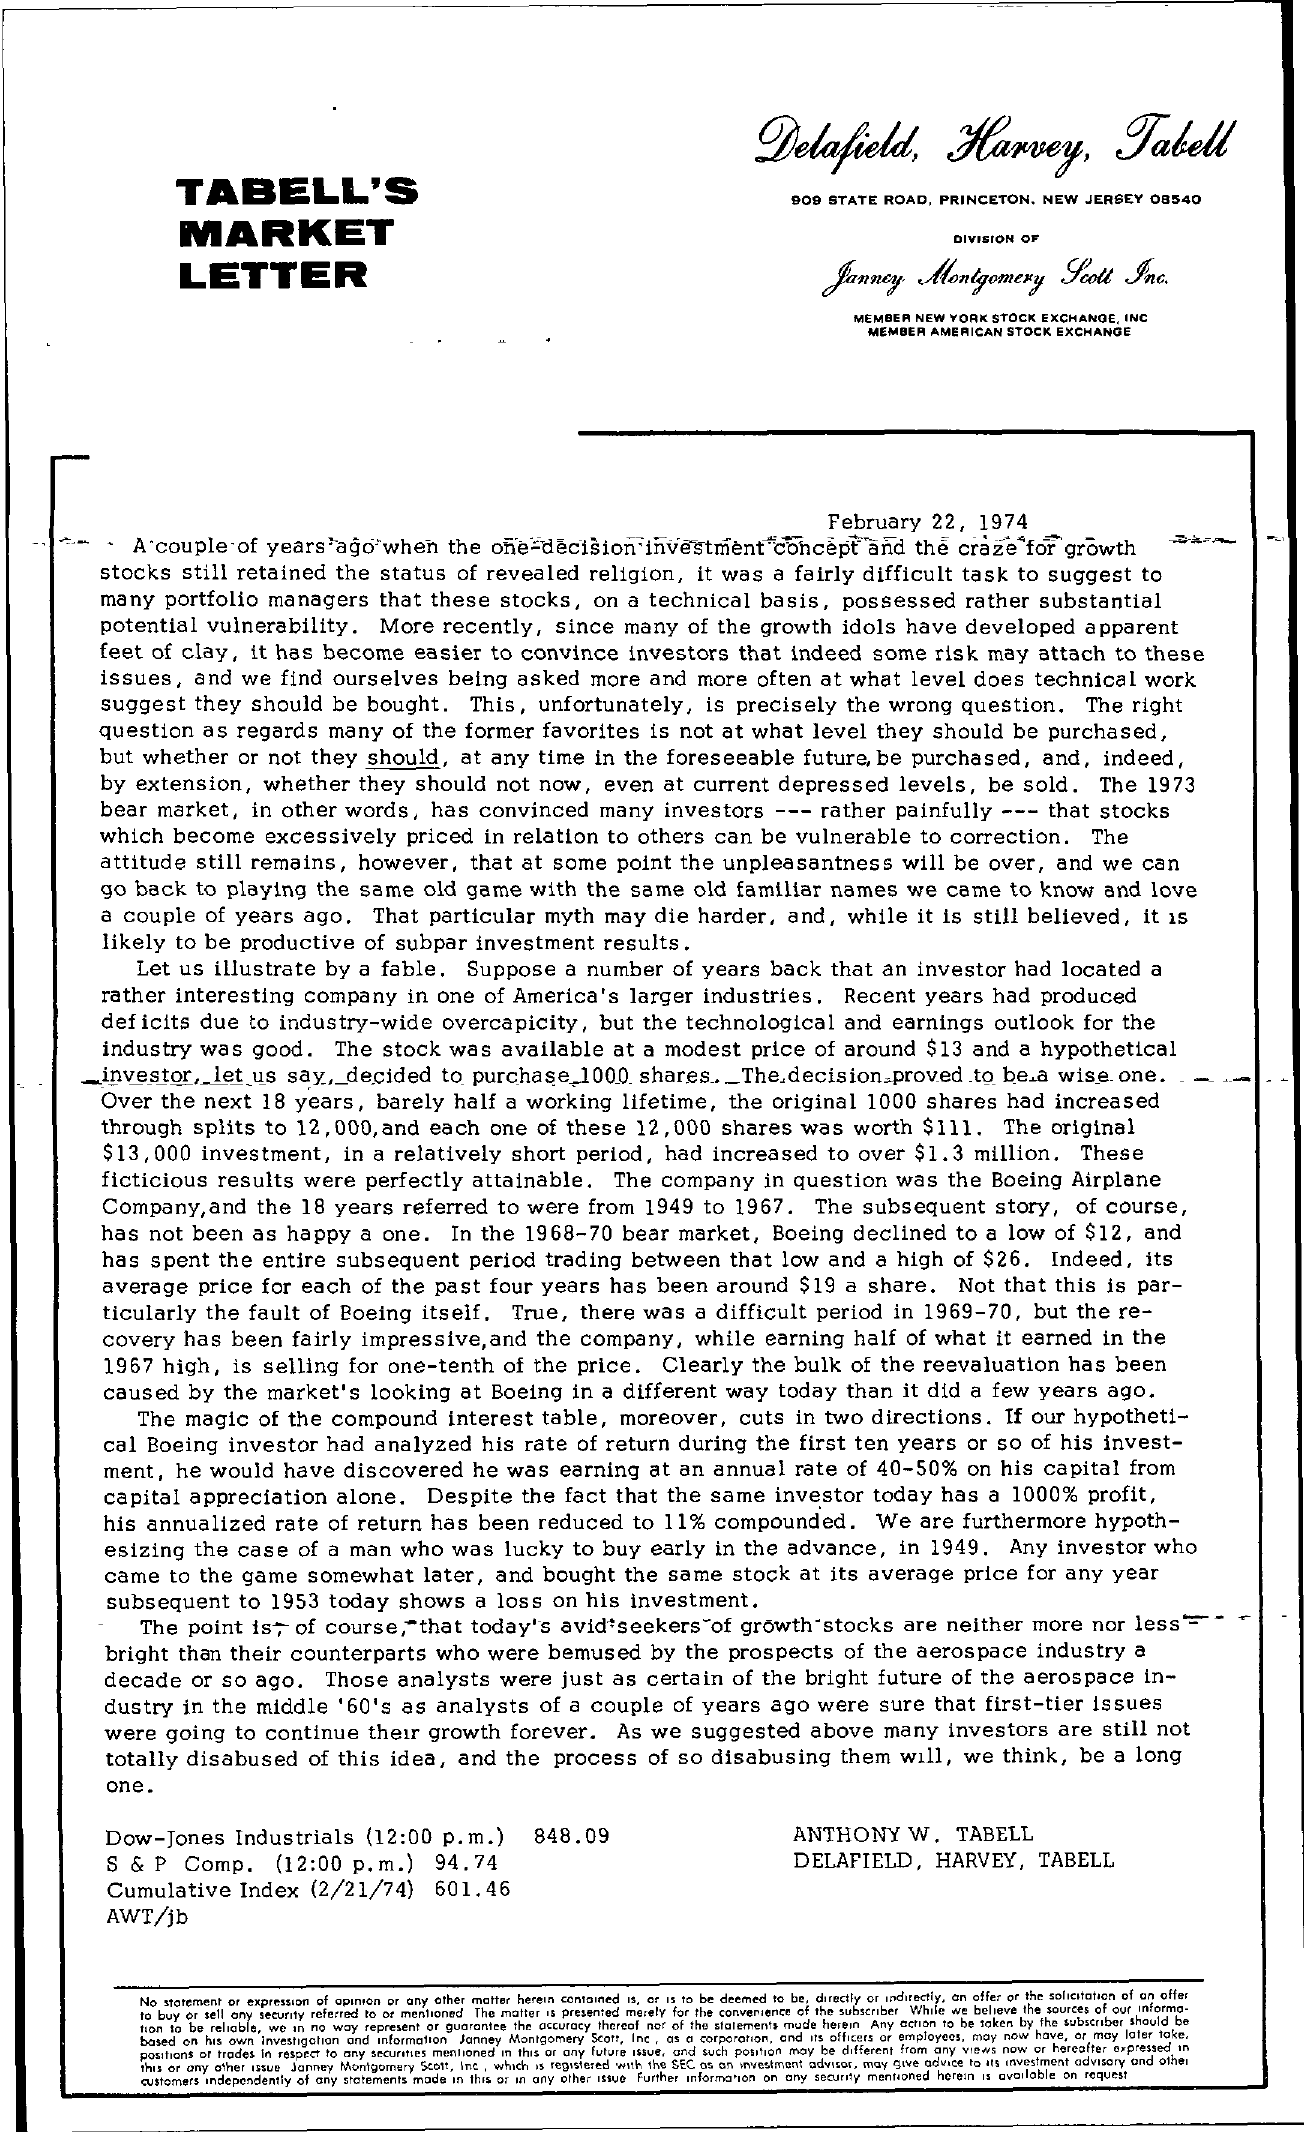 Tabell's Market Letter - February 22, 1974